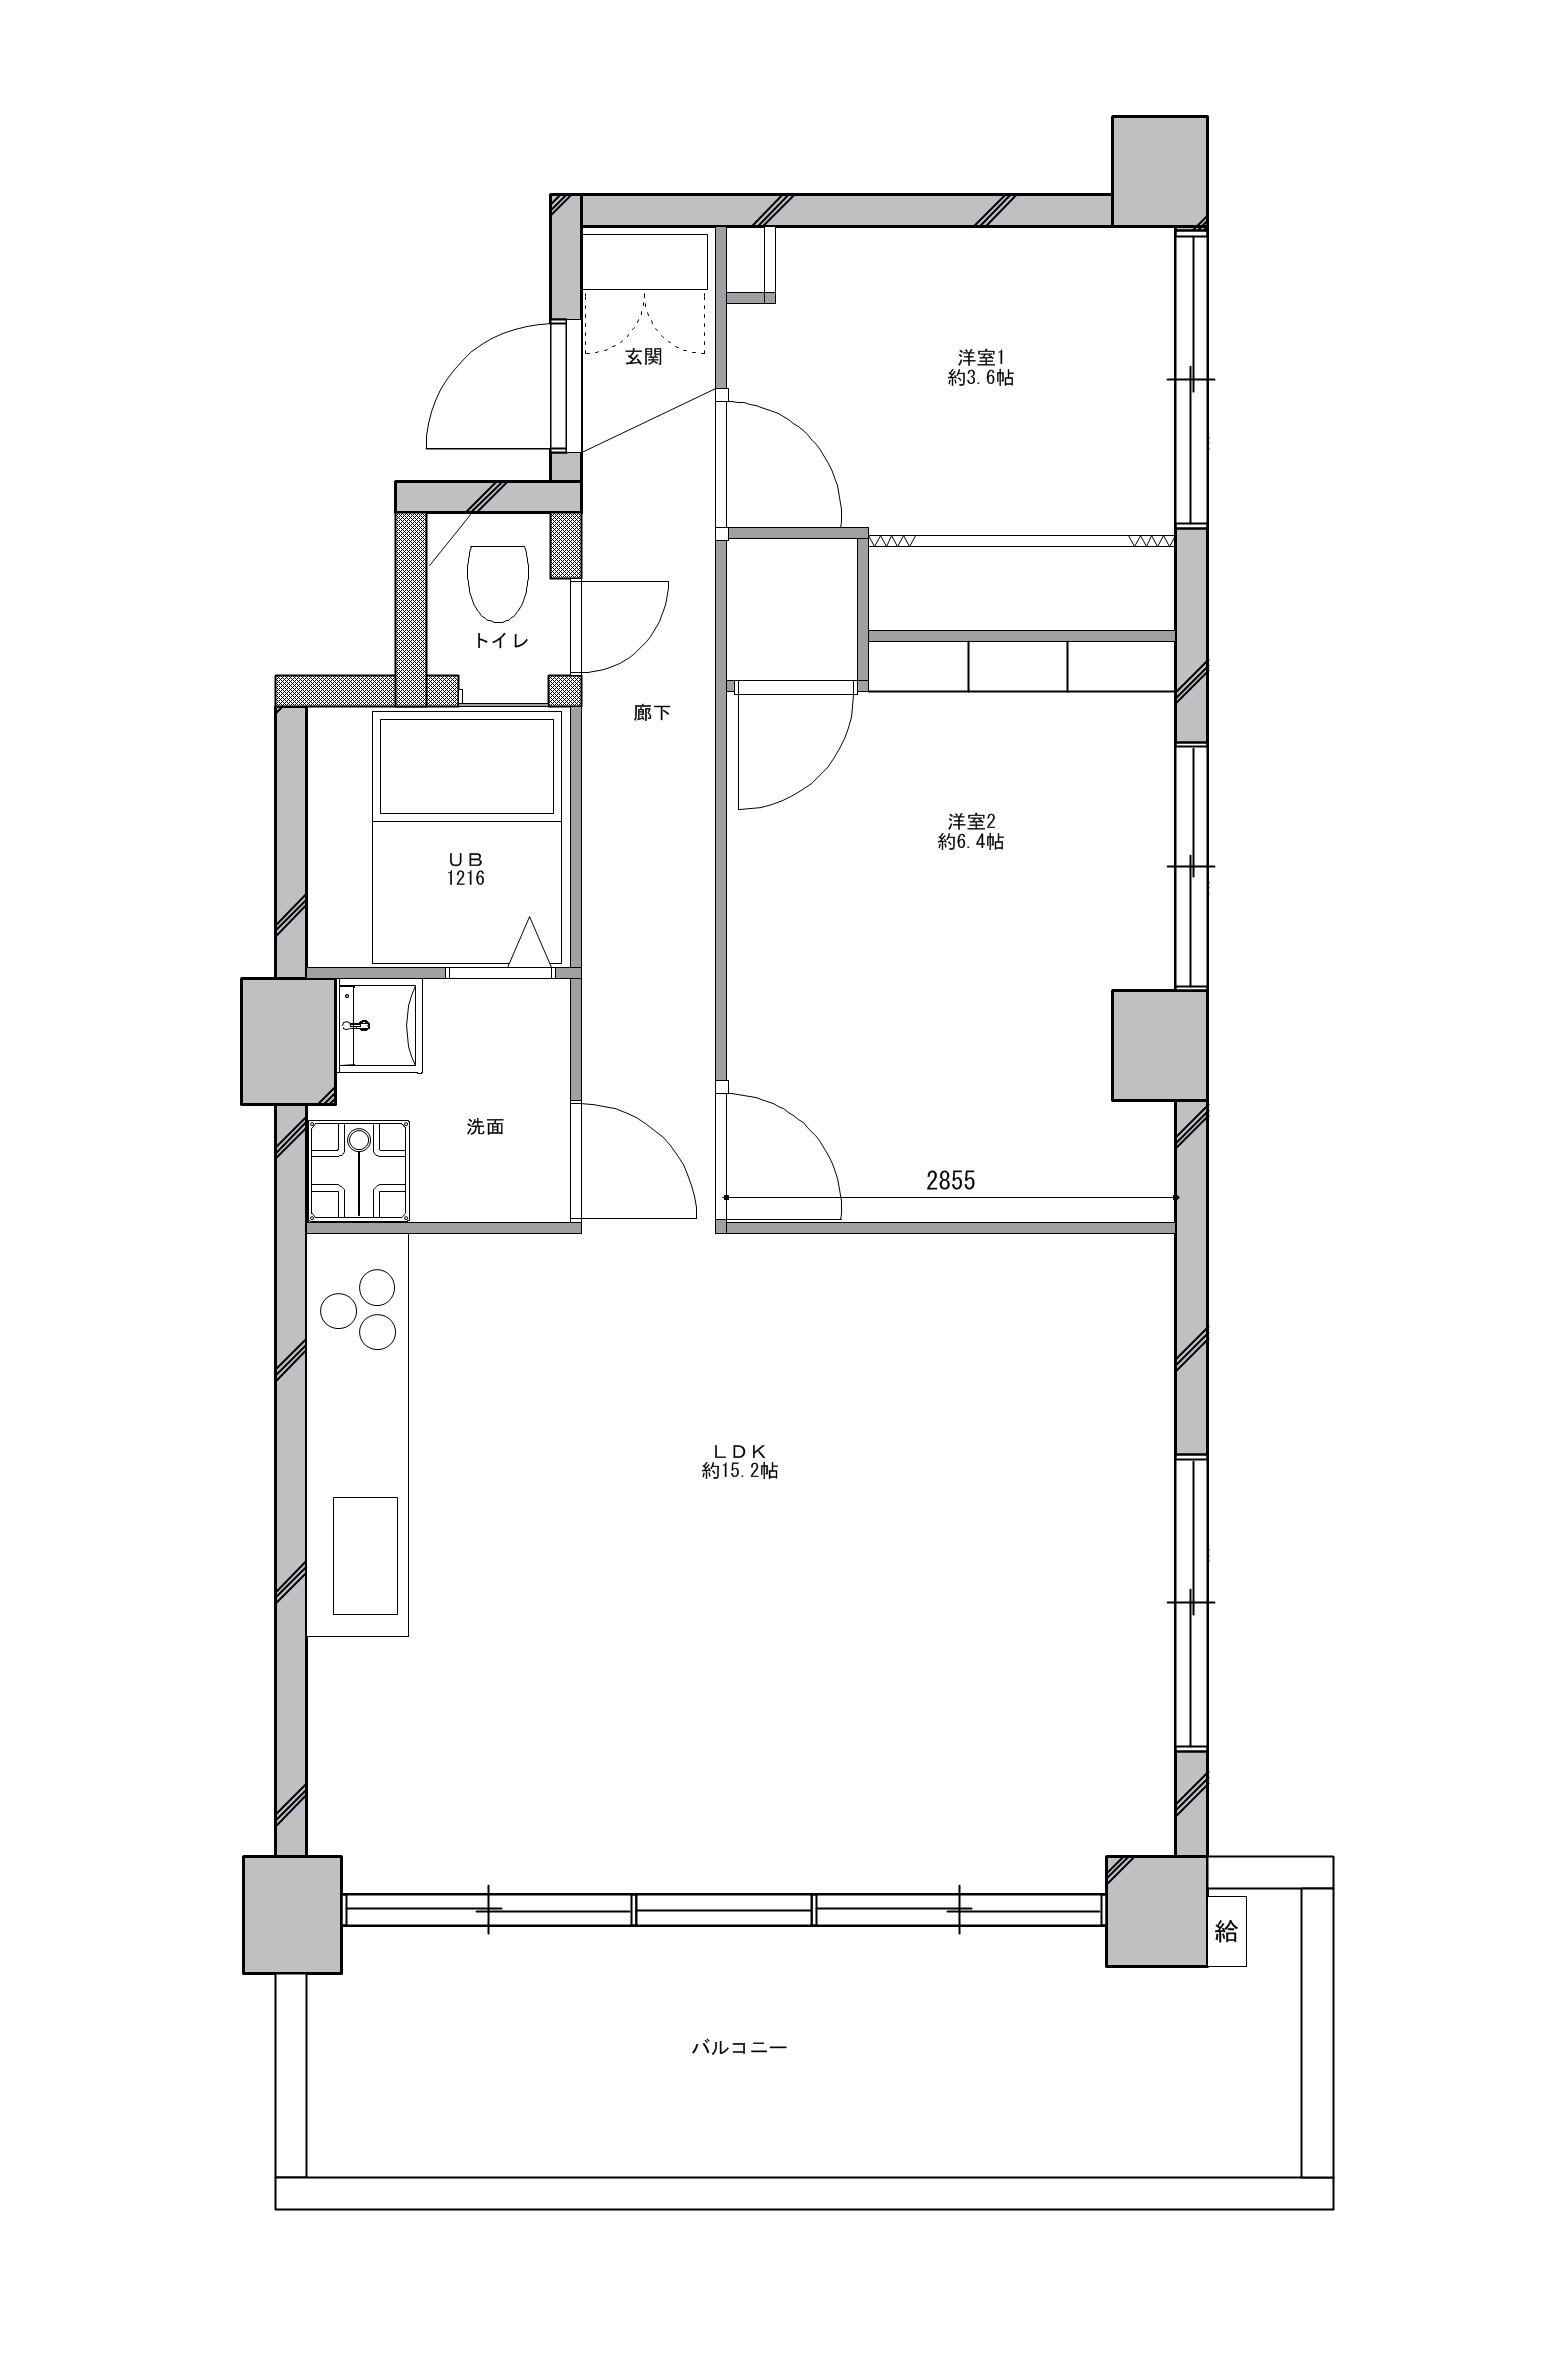 渋谷区 Y邸 ミッドセンチュリーな空間のリノベーション前の間取図